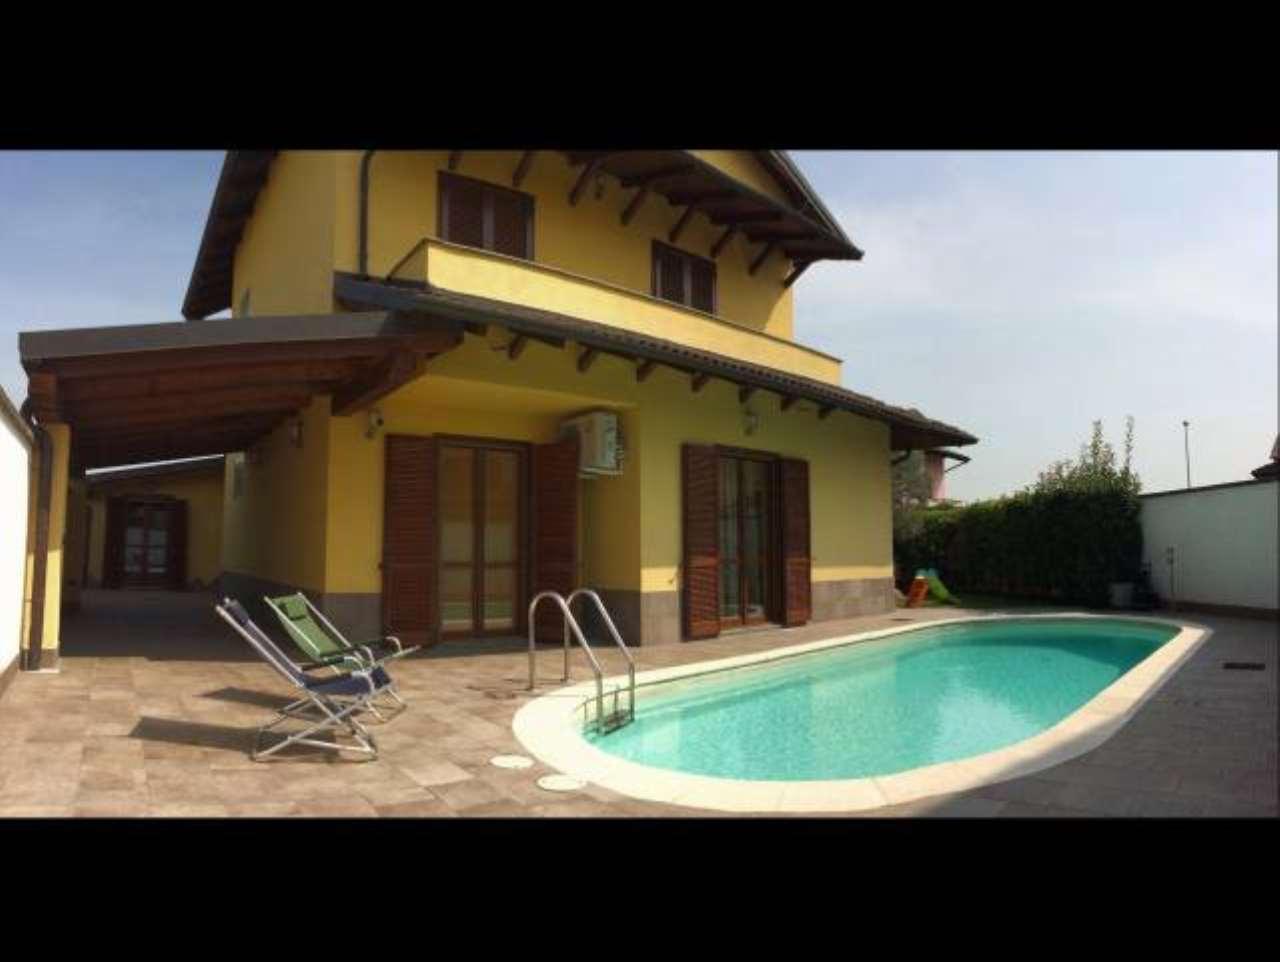 Villa in vendita a Vercelli, 5 locali, prezzo € 330.000 | CambioCasa.it